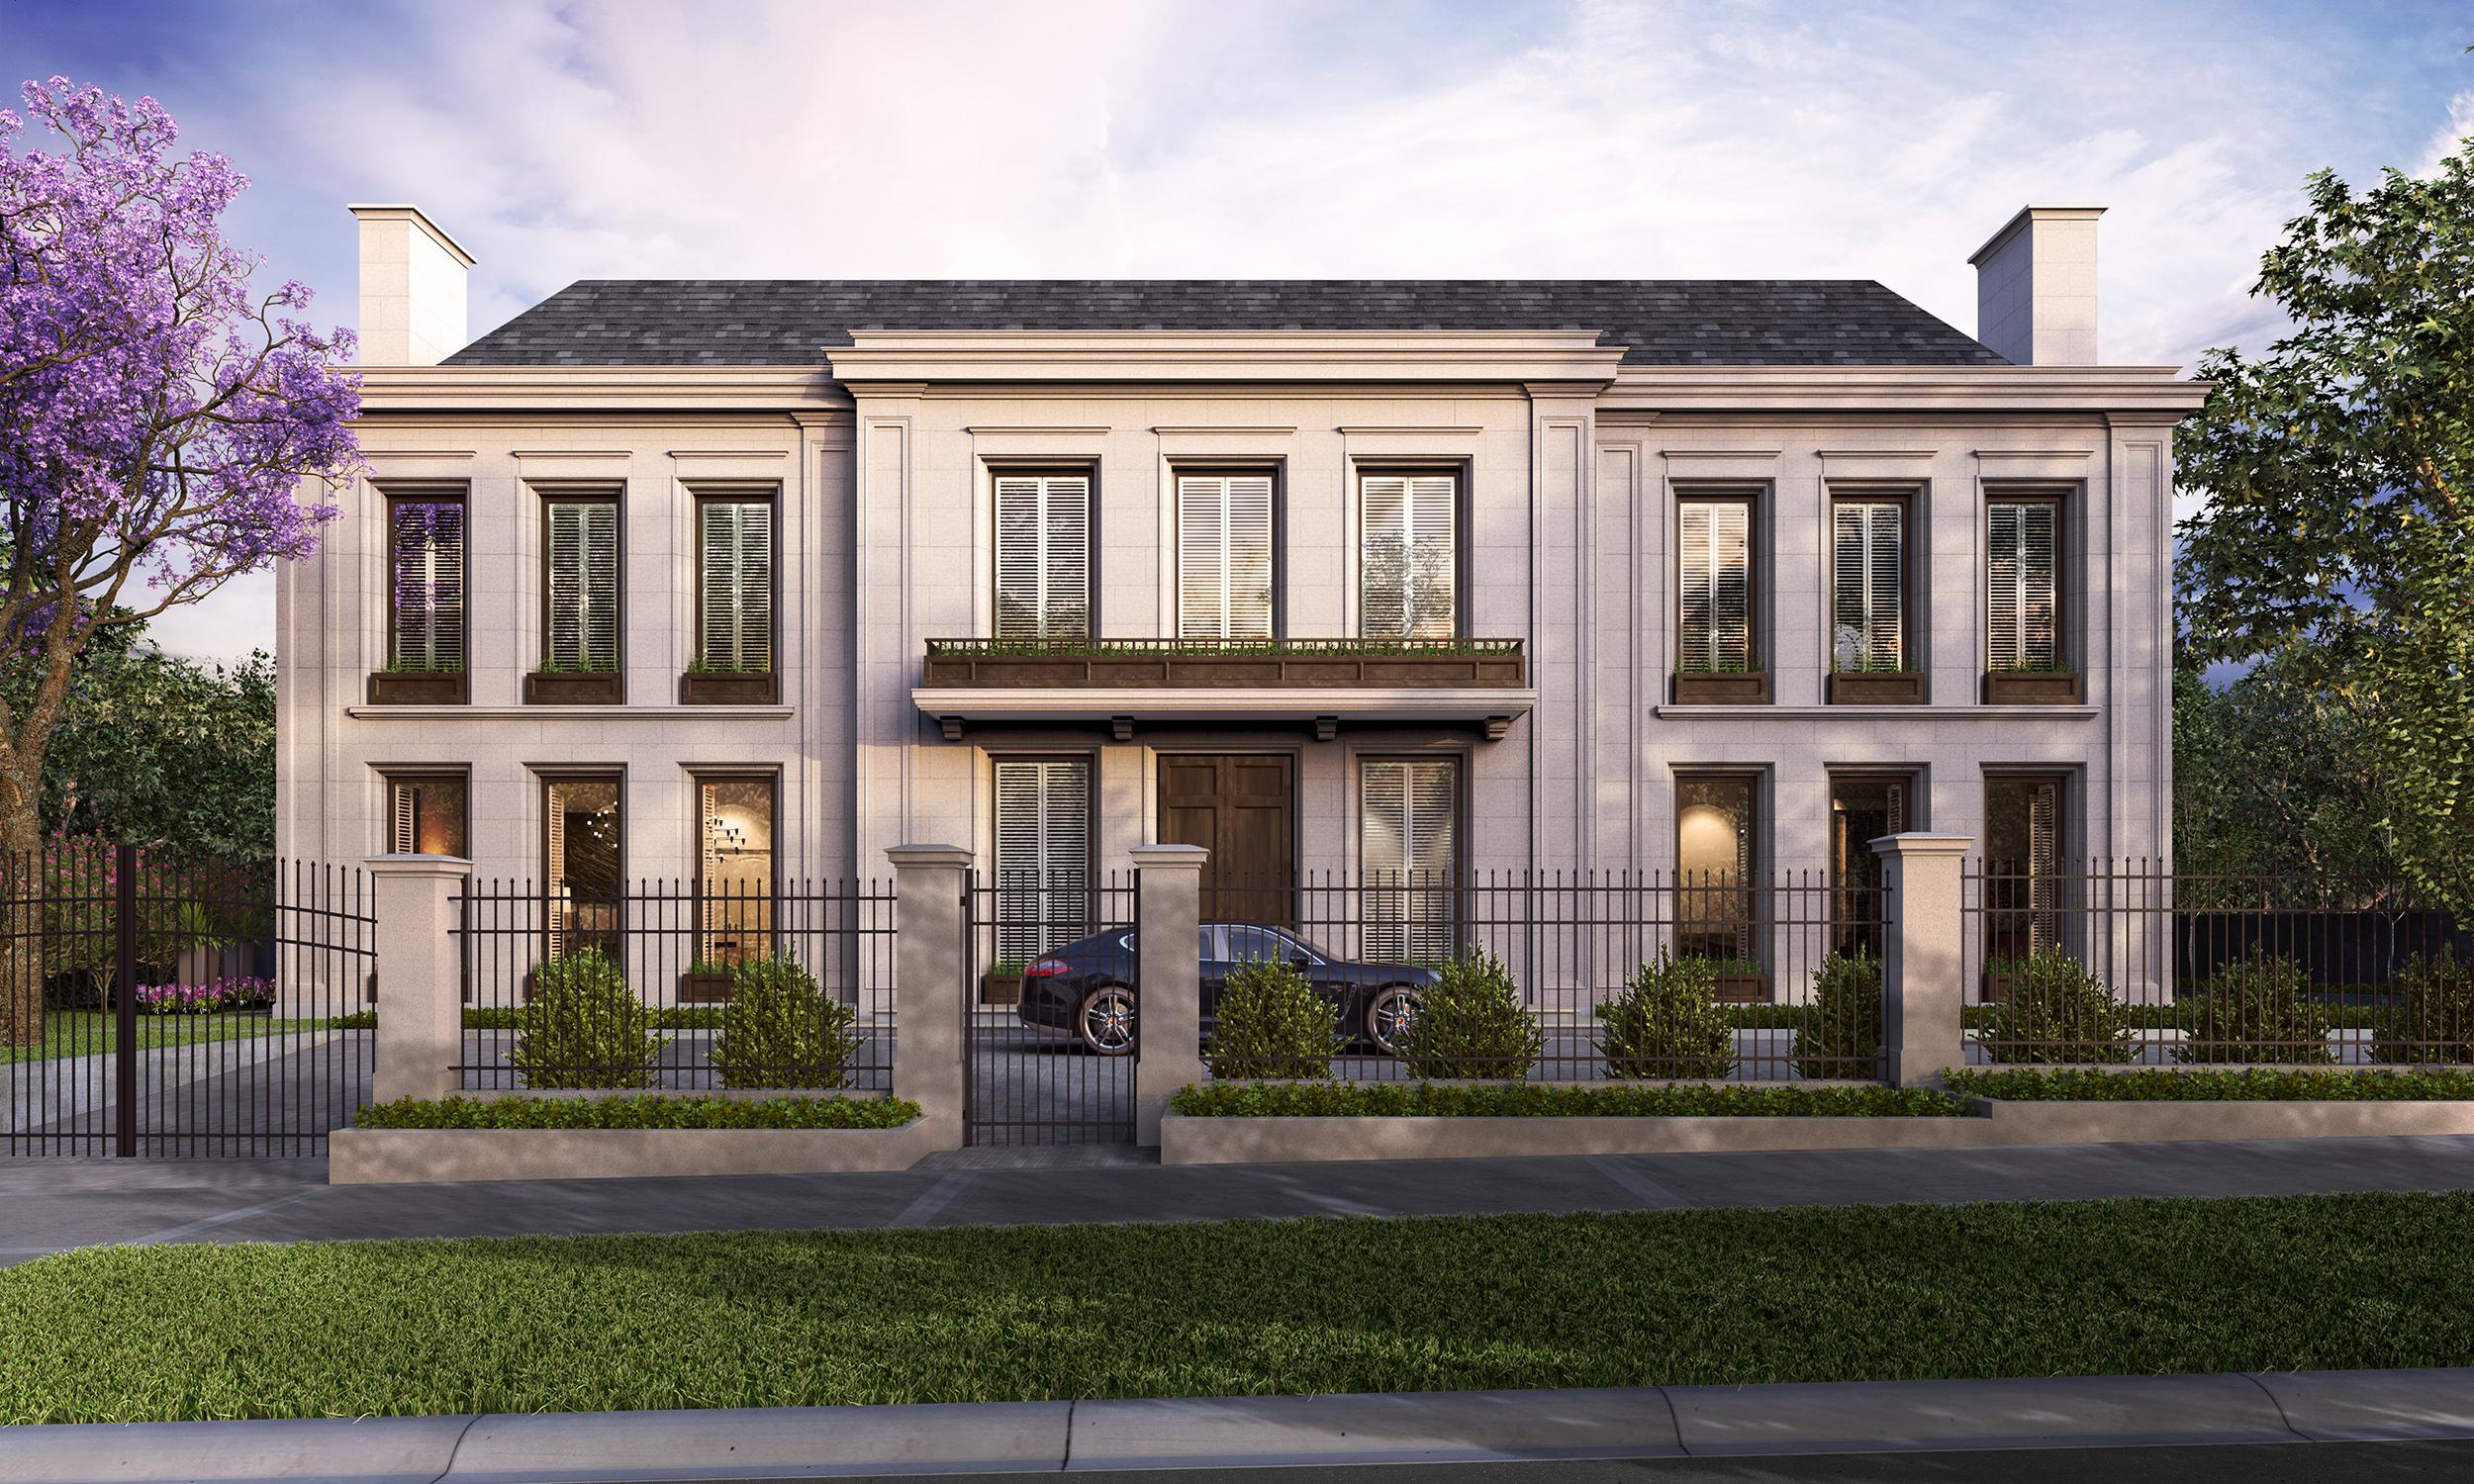 Dendy St House Front 02 MR.jpg